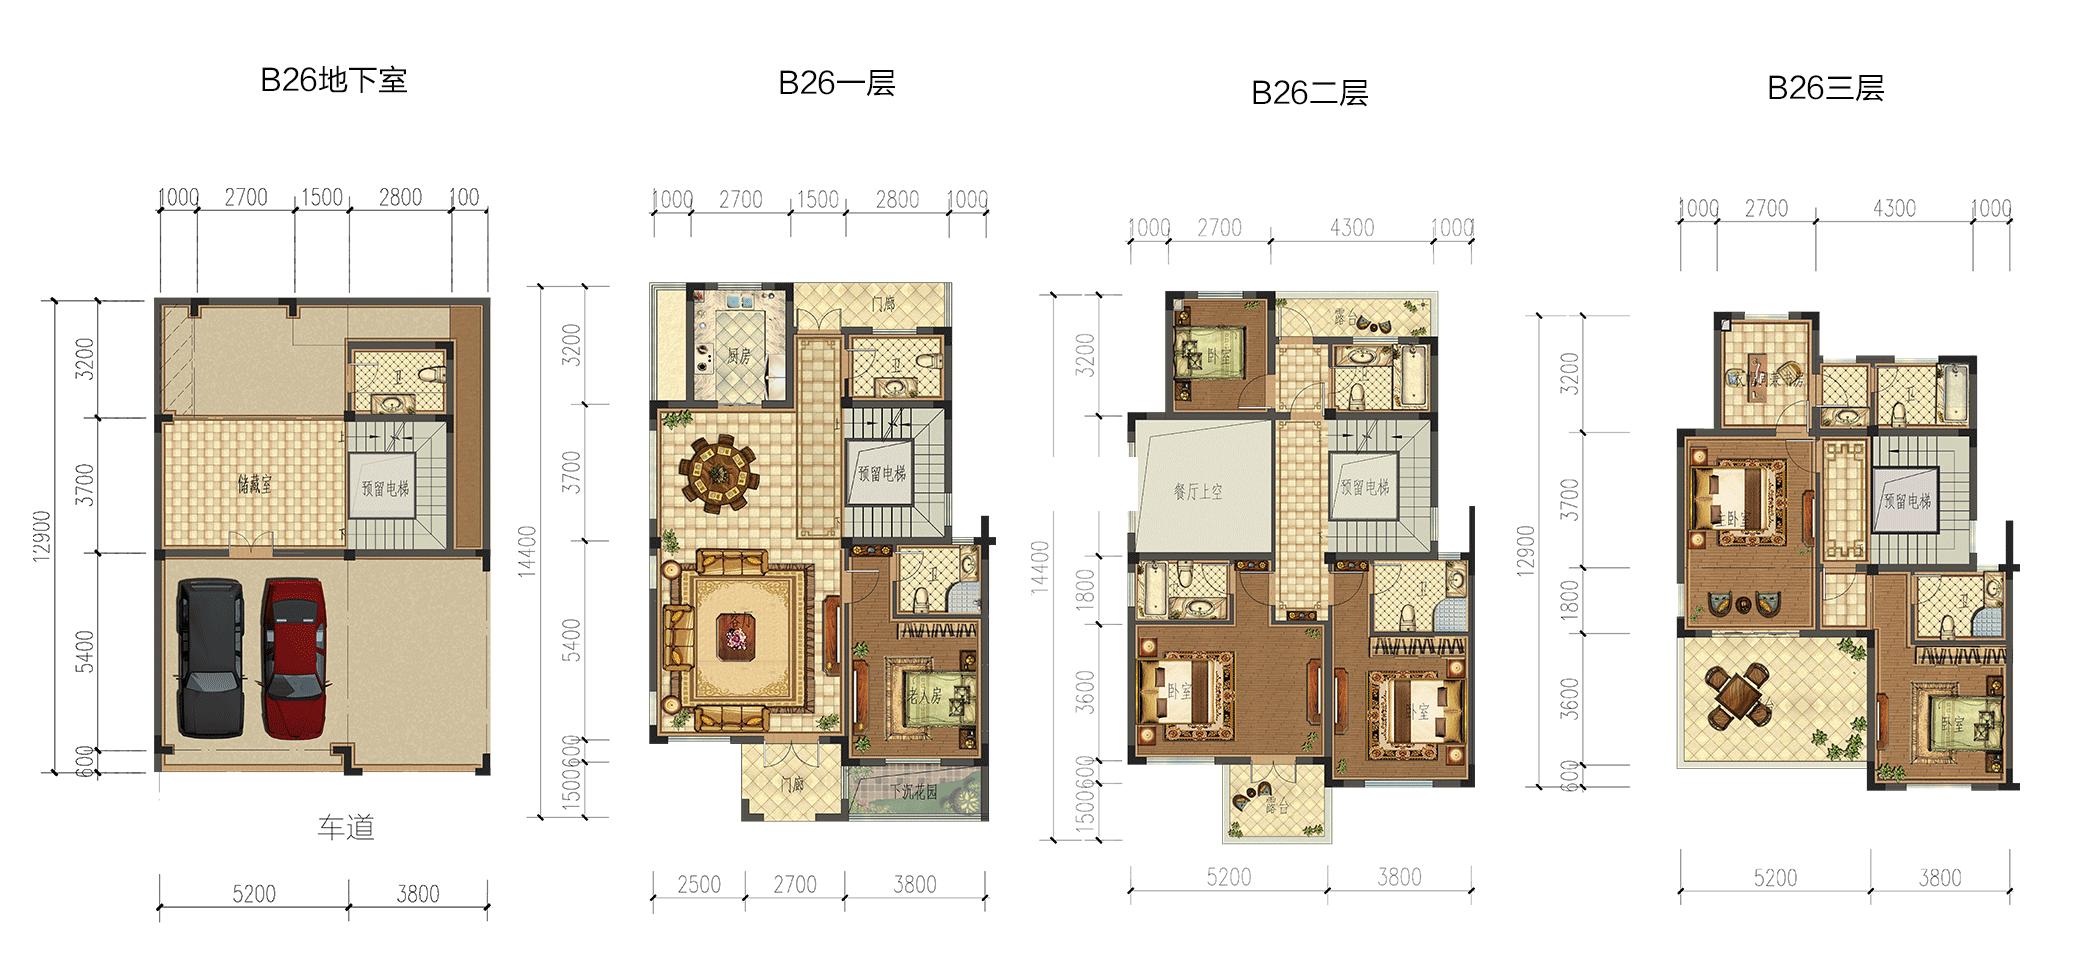 成龙官山邸B26幢双拼户型约342㎡(西边套)